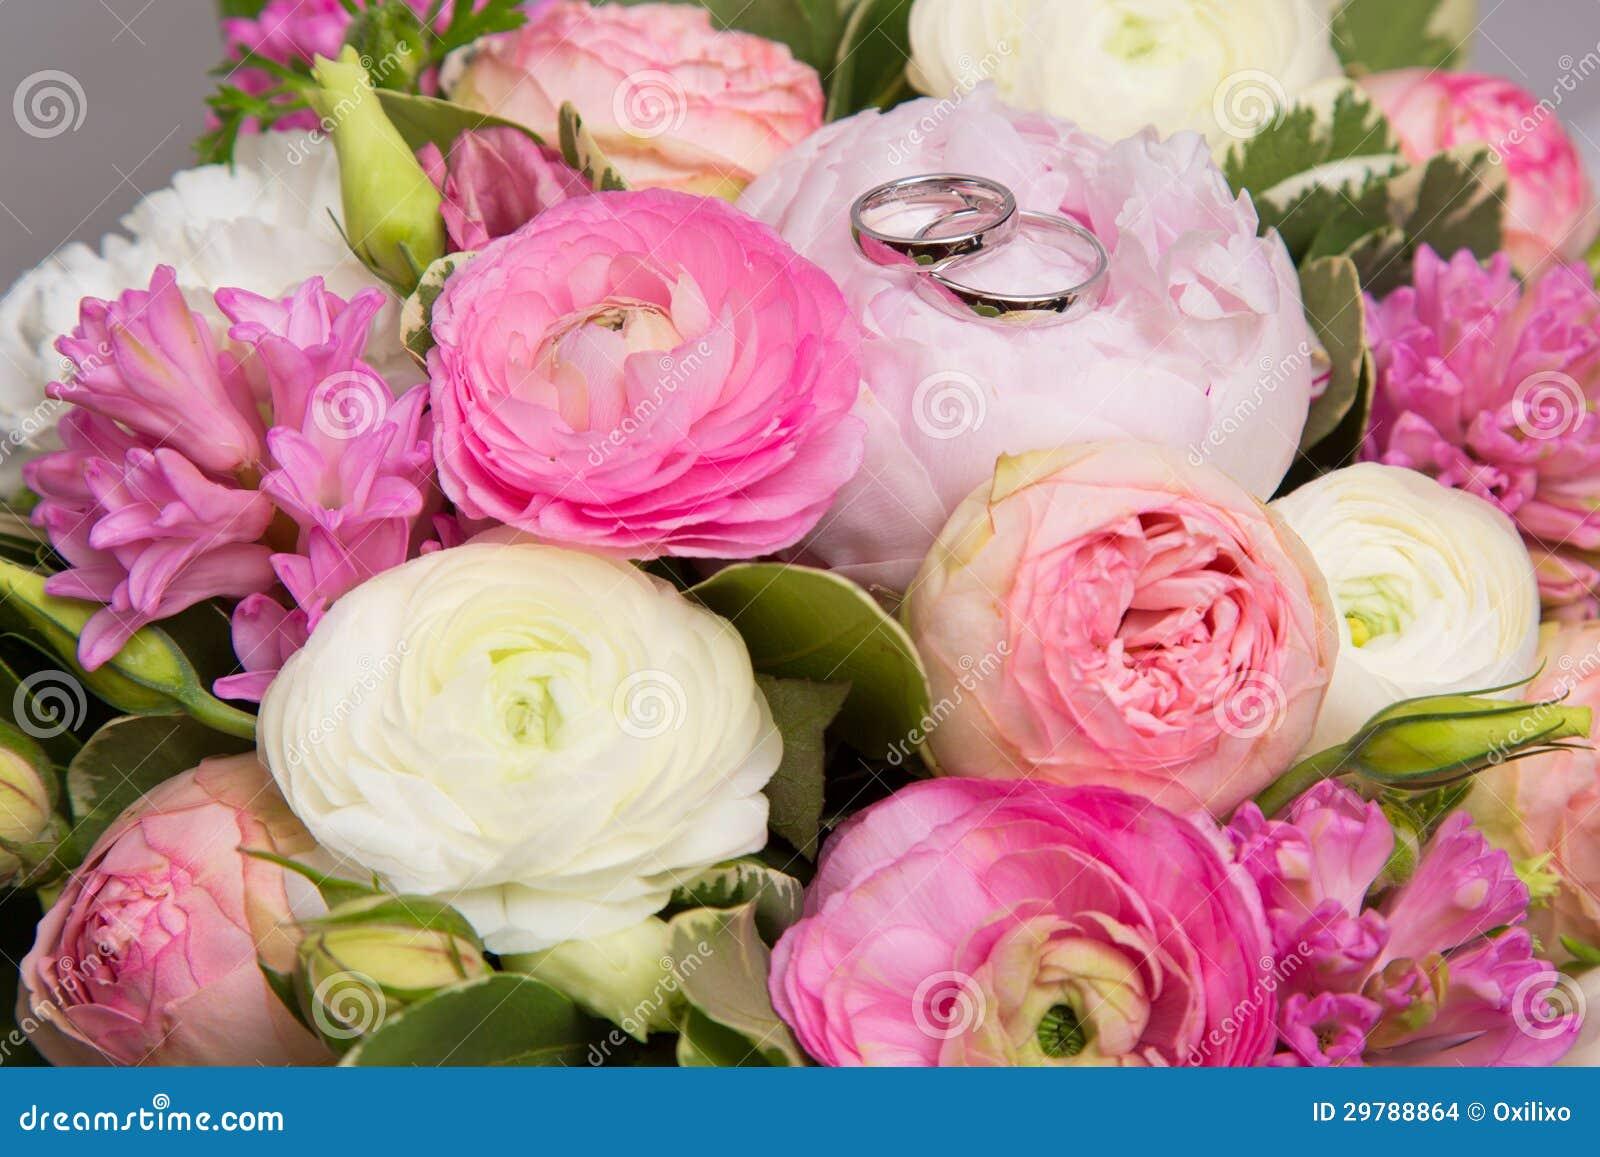 anneaux de mariage sur le bouquet des pivoines blanches et roses photo stock image du boucles. Black Bedroom Furniture Sets. Home Design Ideas